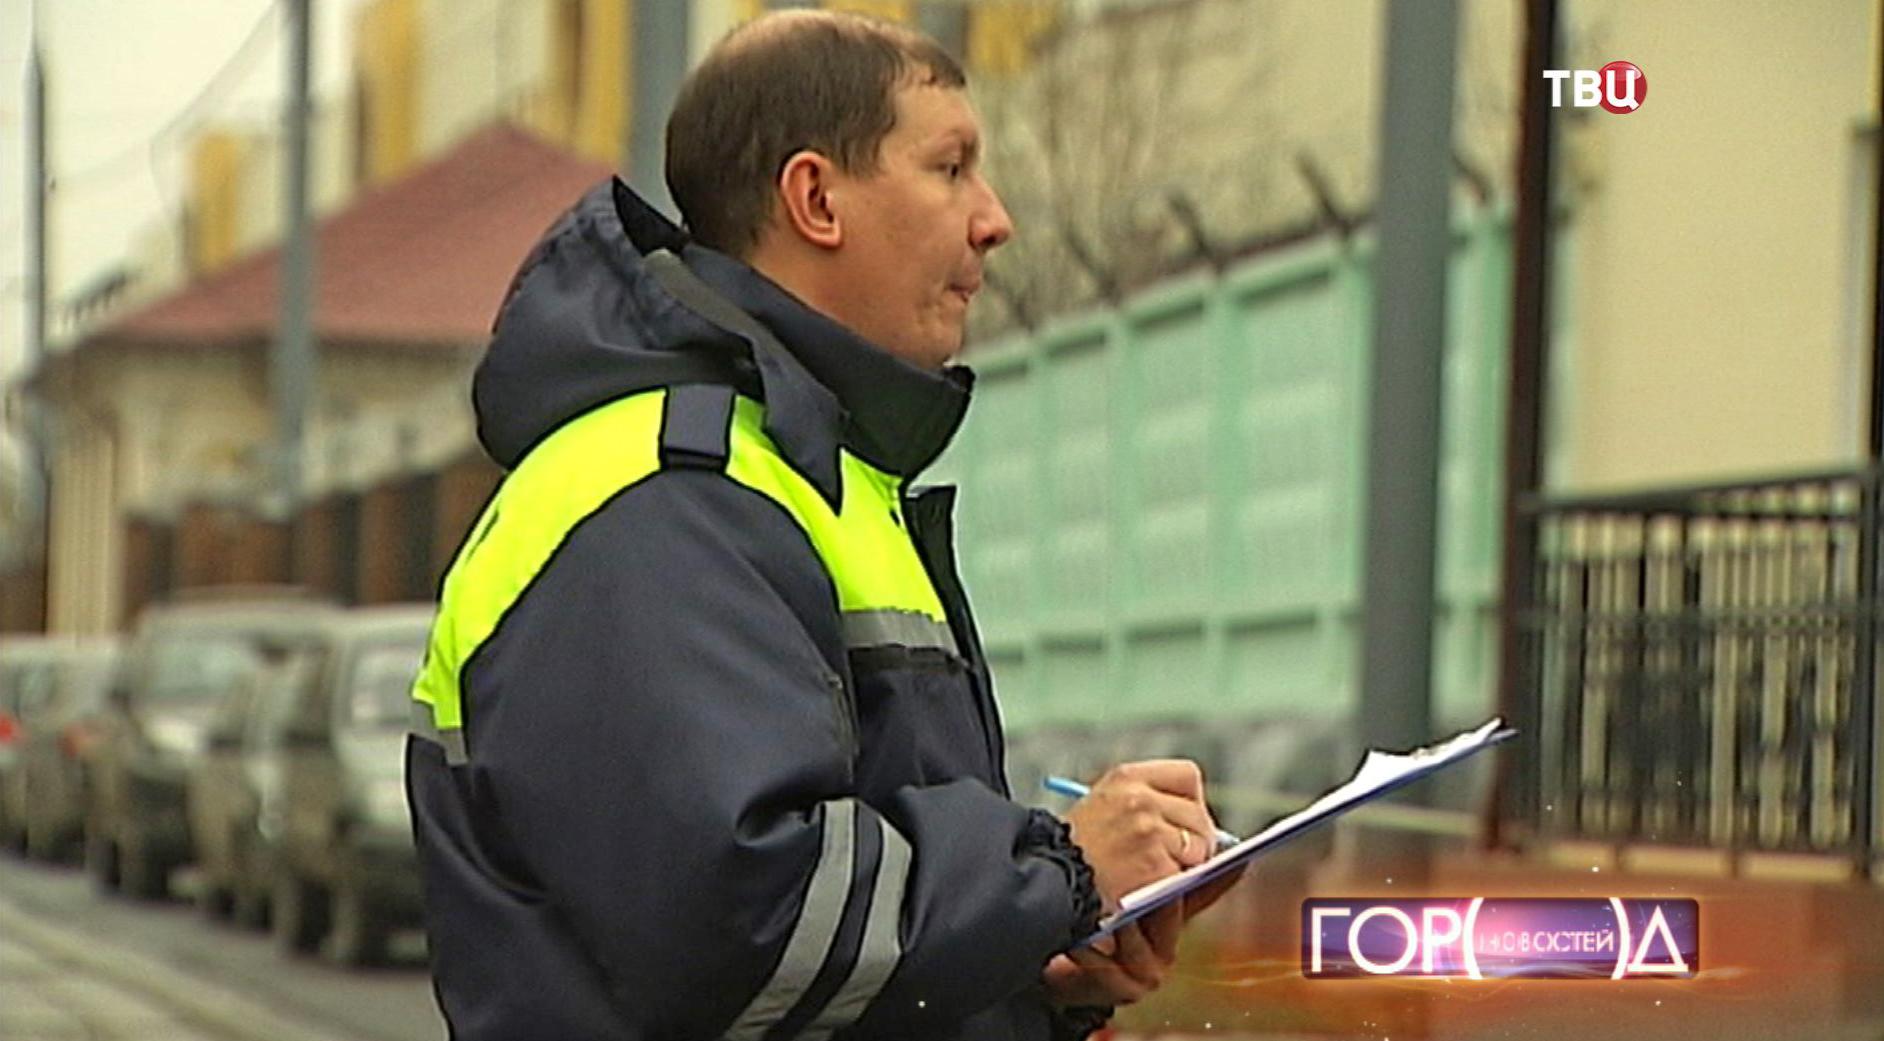 Московский дорожный инспектор